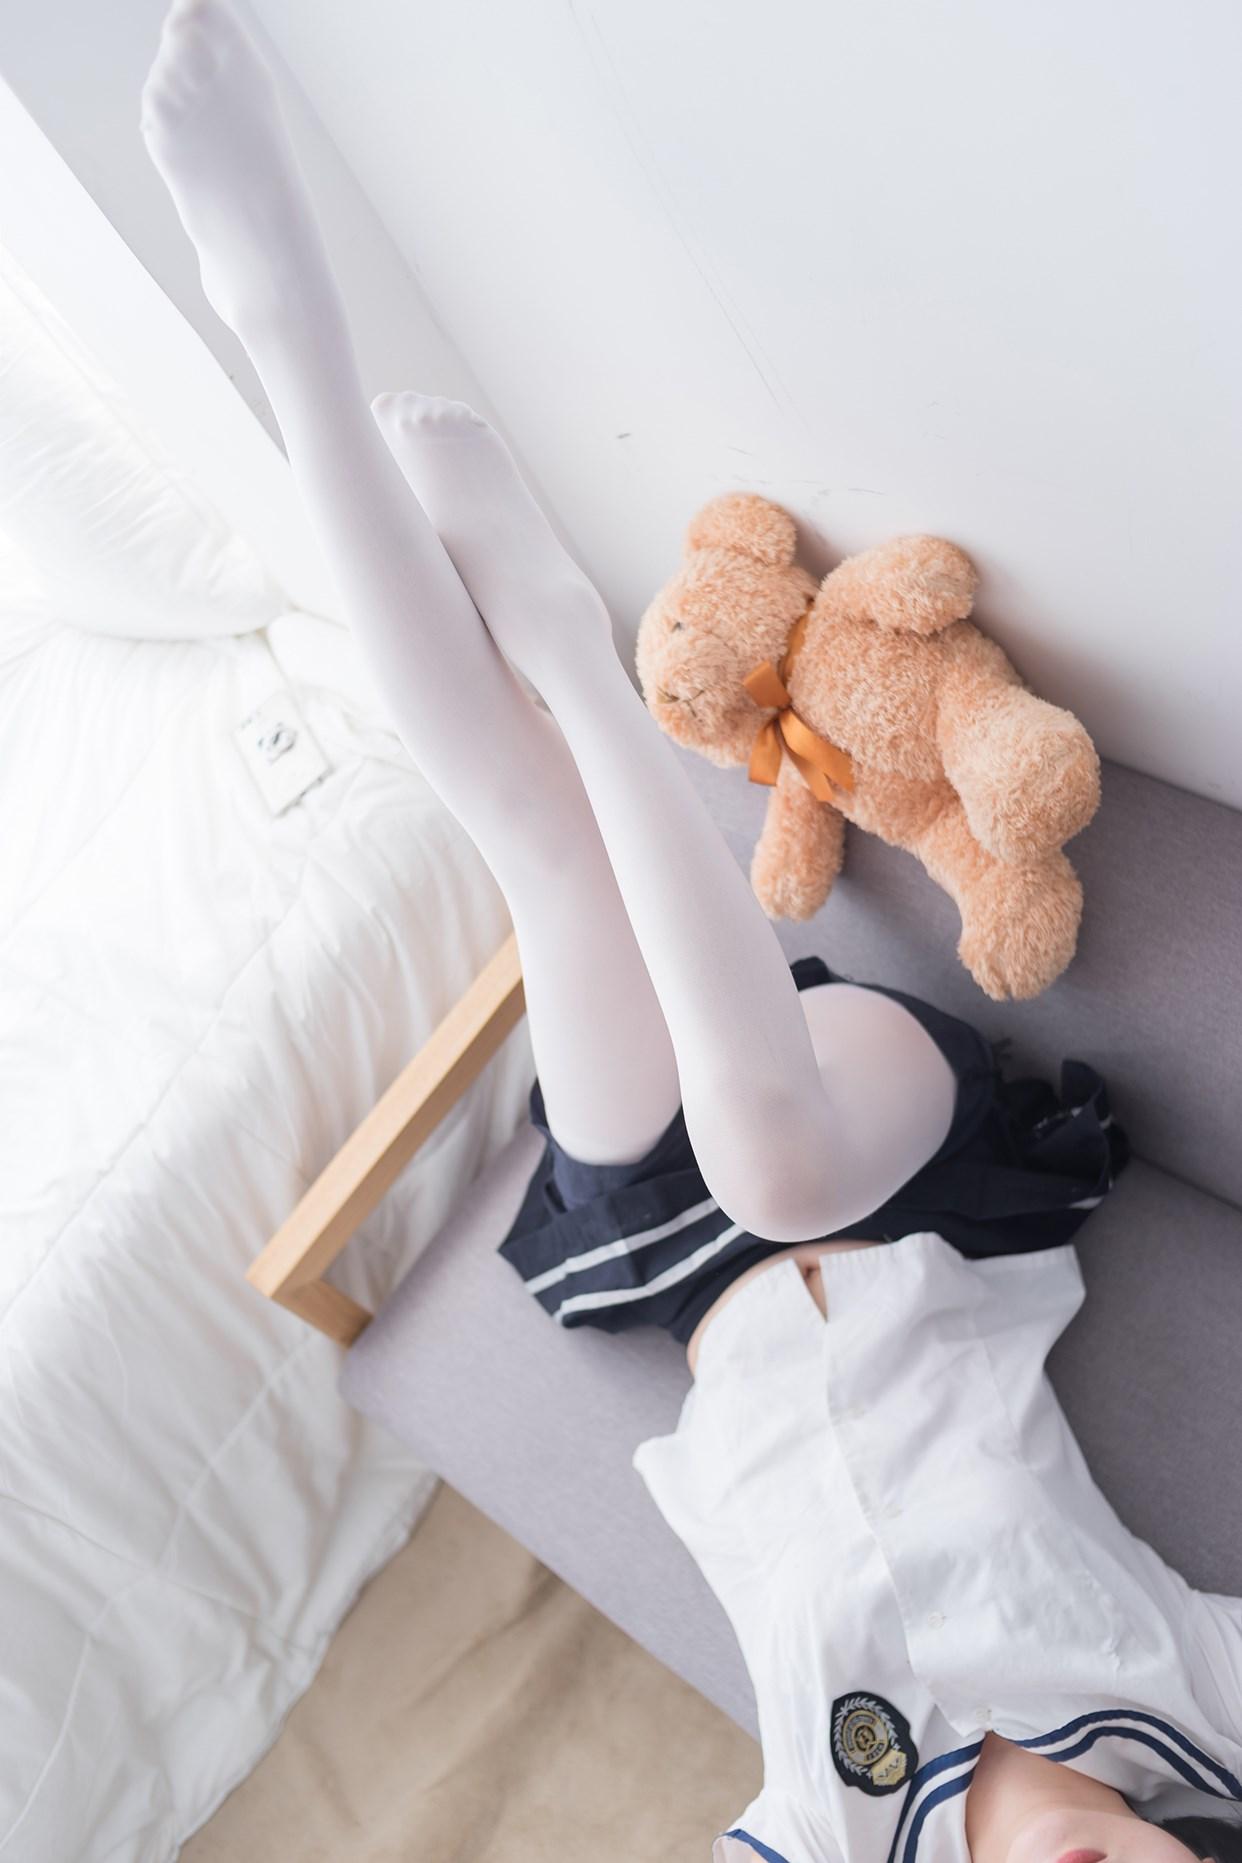 【兔玩映画】这腿炒鸡细 兔玩映画 第3张